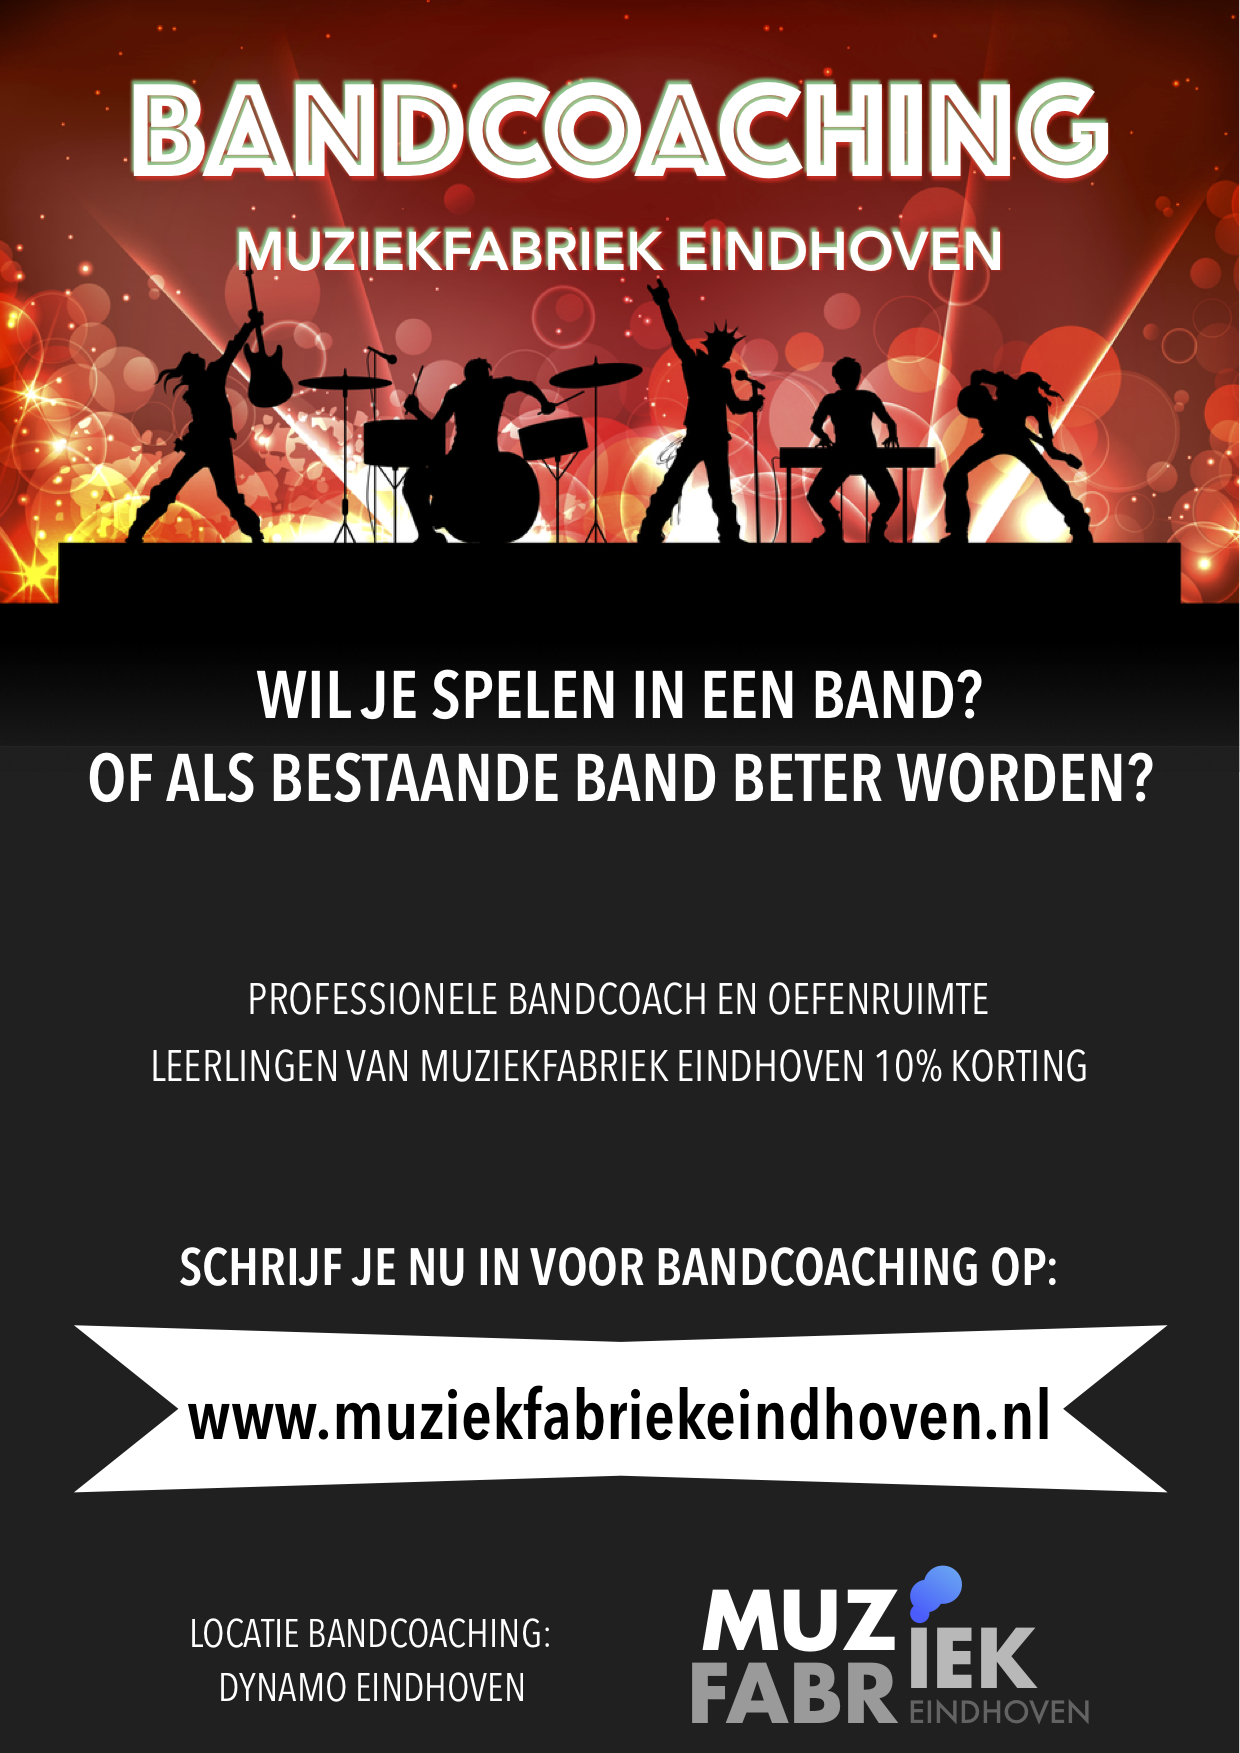 Bandcoaching Muziekfabriek Eindhoven